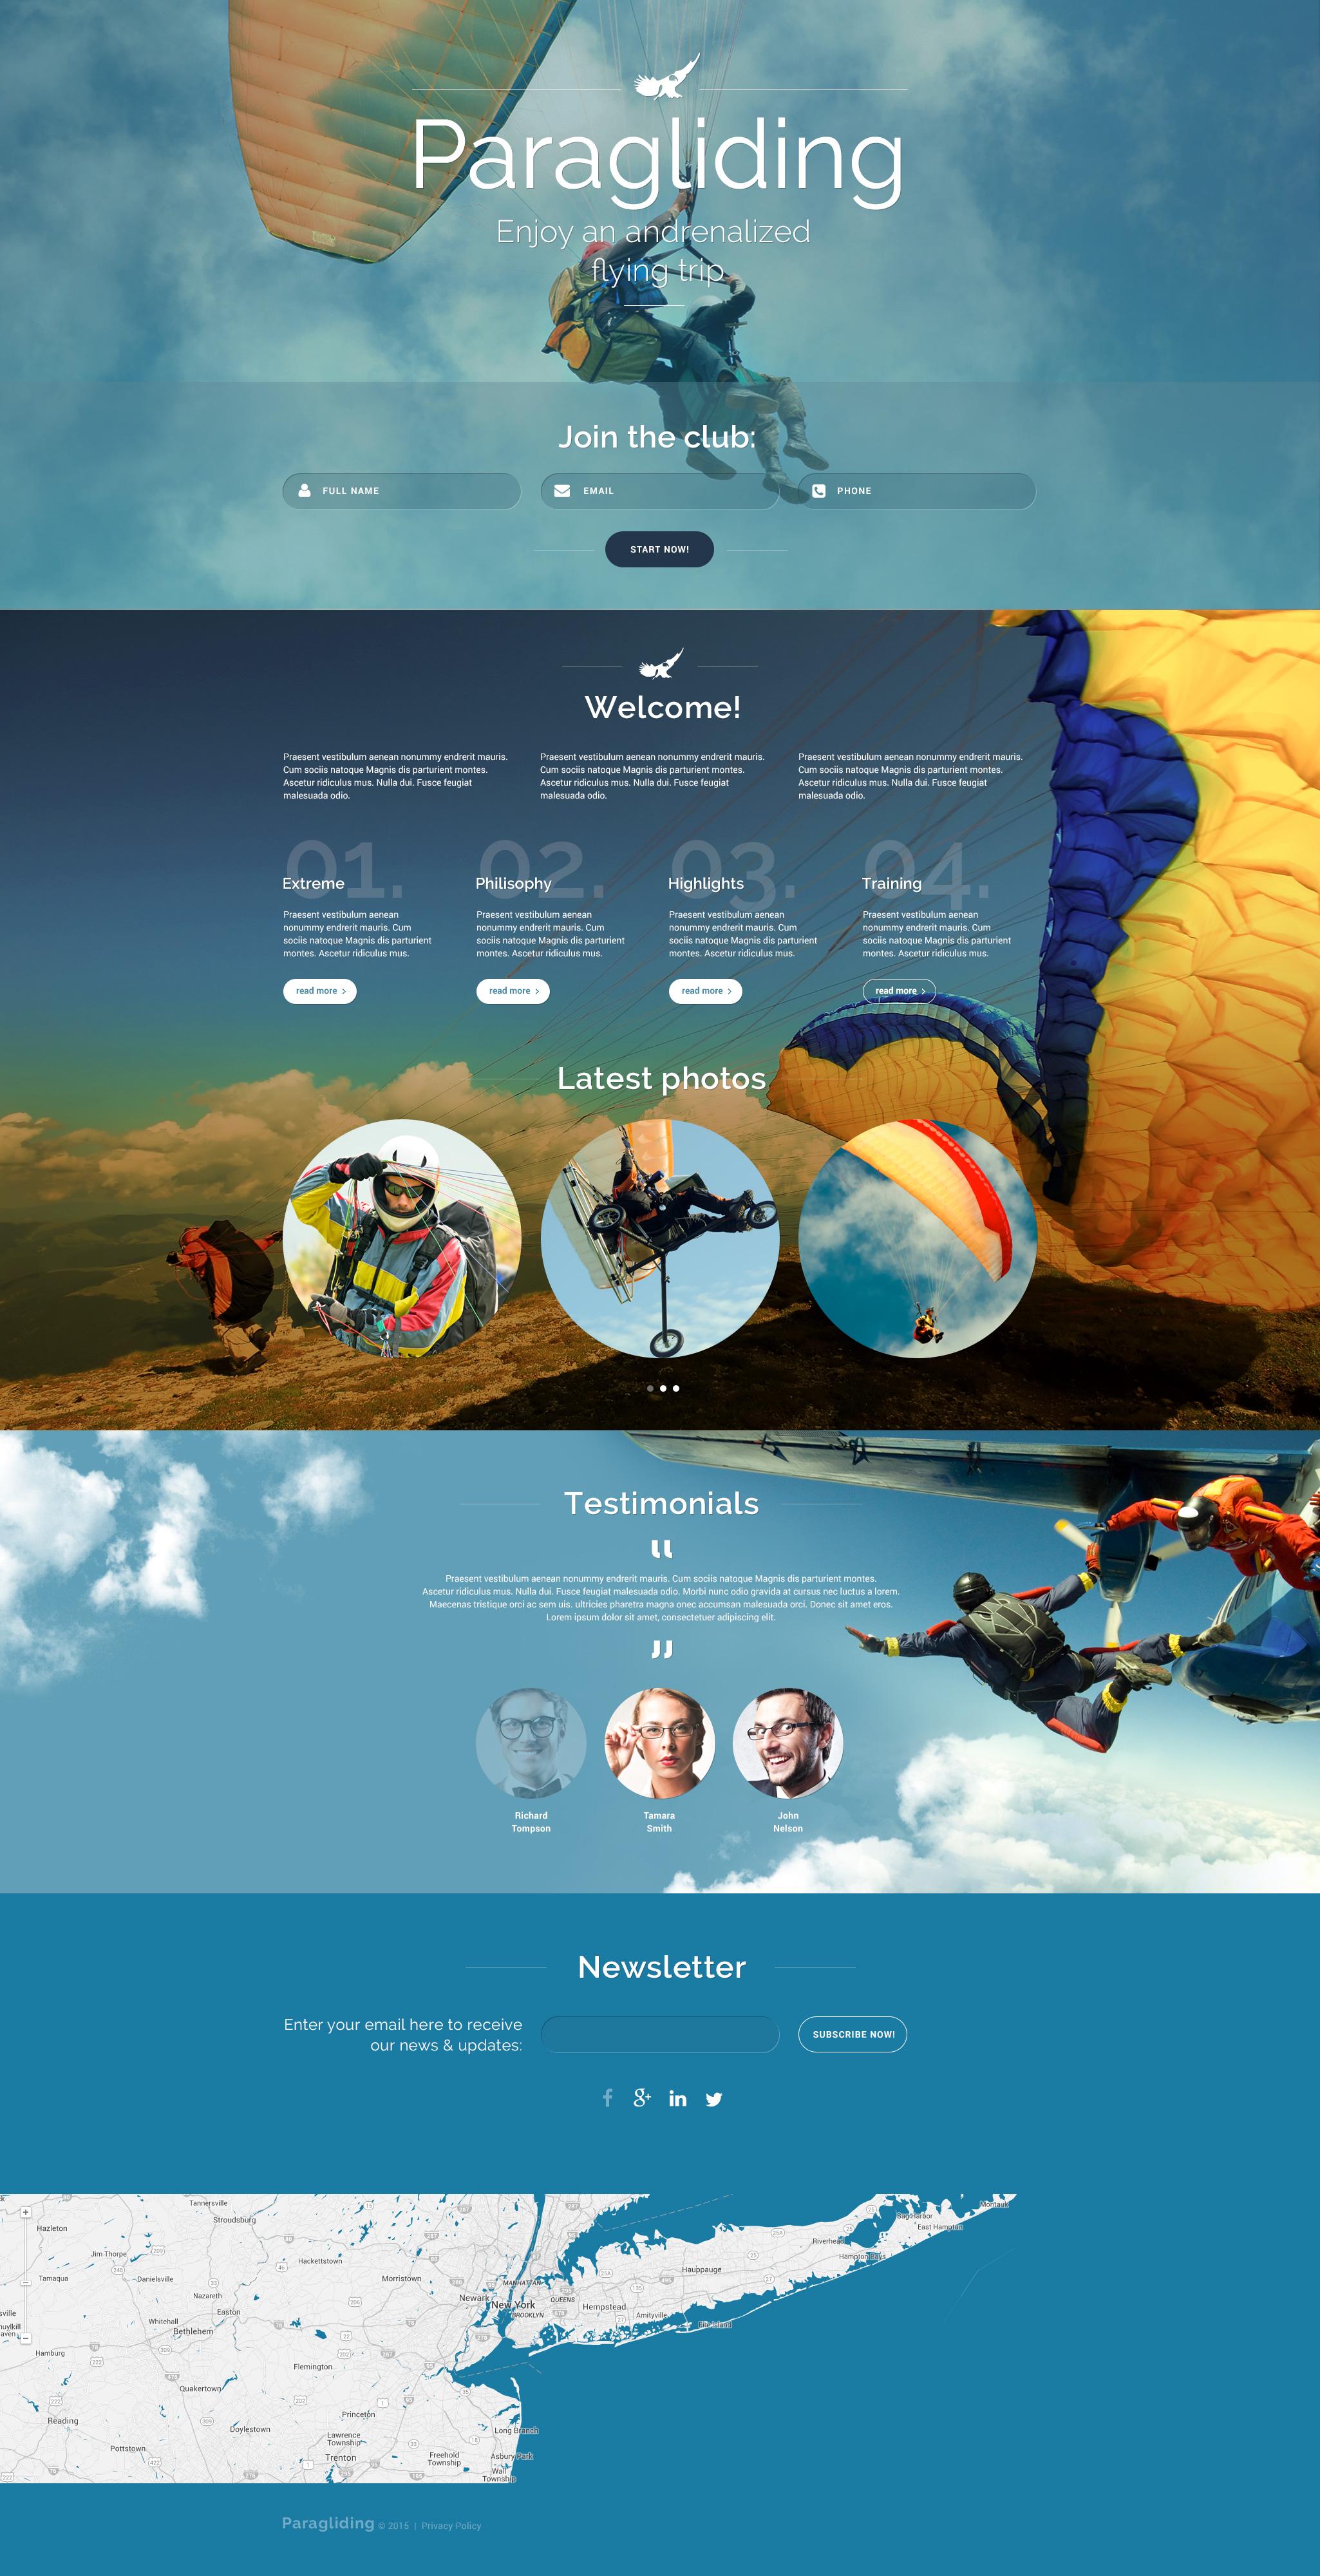 Templates de Landing Page Flexível para Sites de Parapente №55433 - screenshot